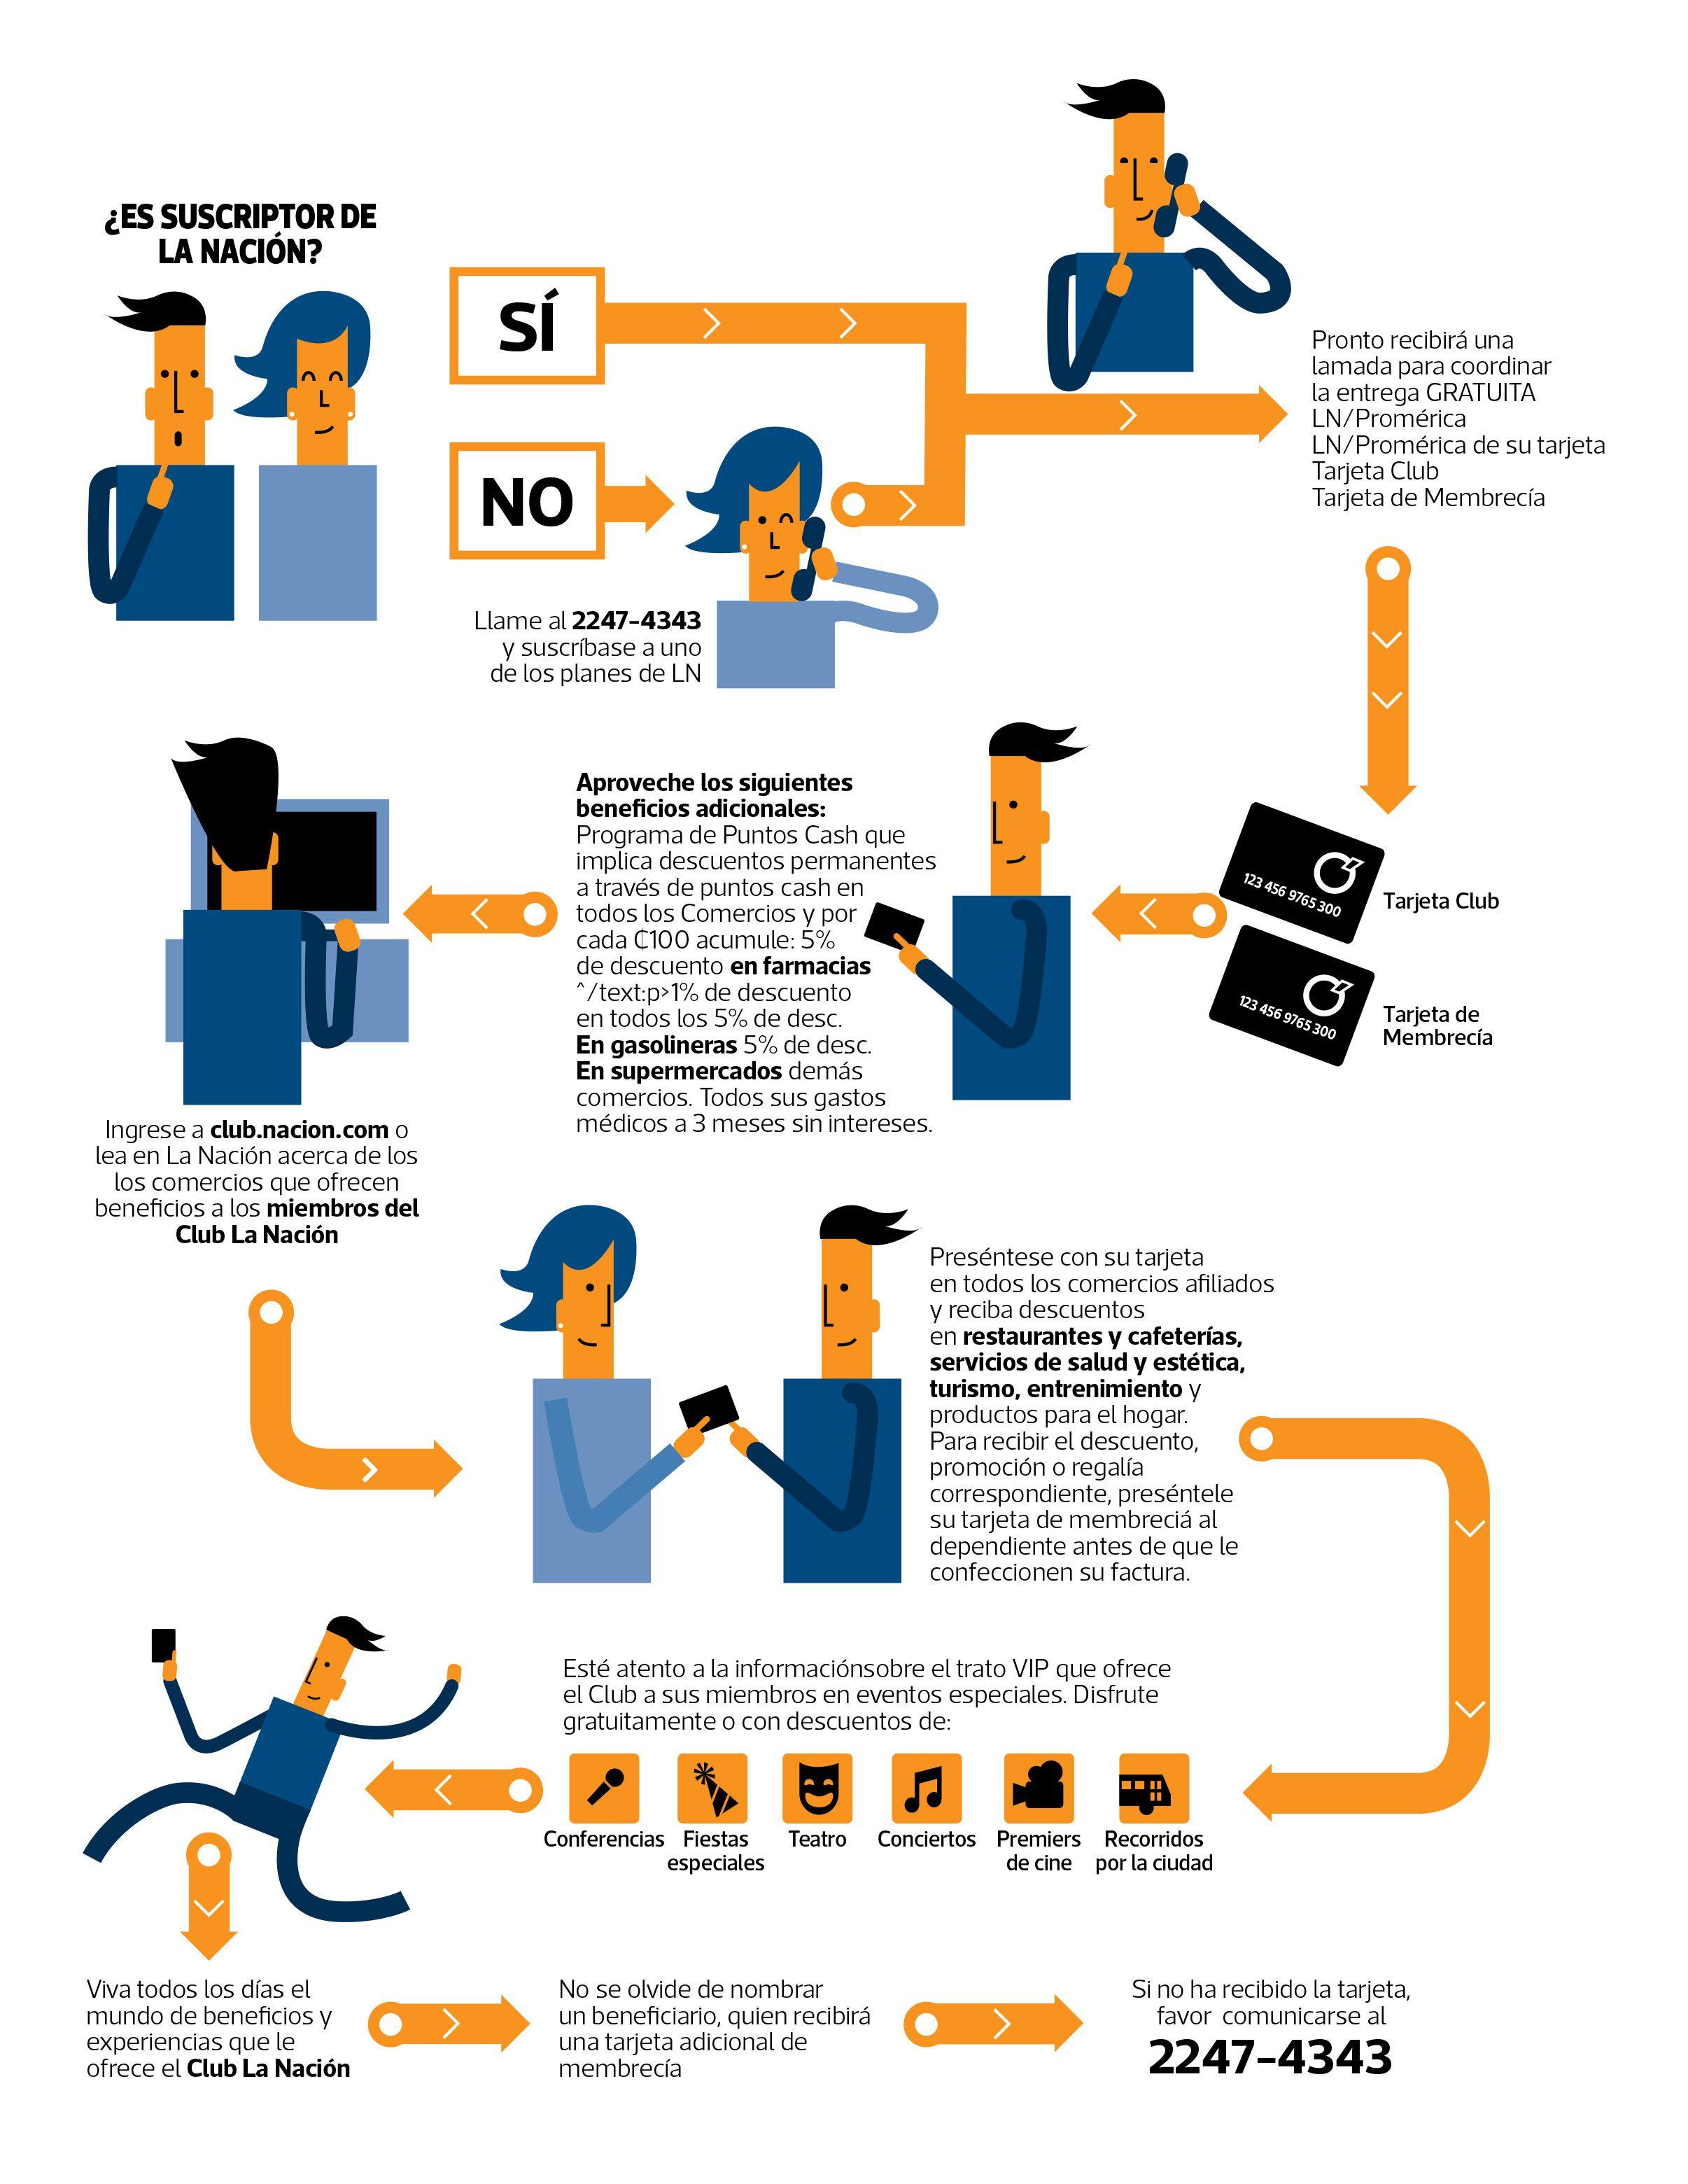 Infografia Explicativa Para Poder Contar Con Los Beneficios De Una